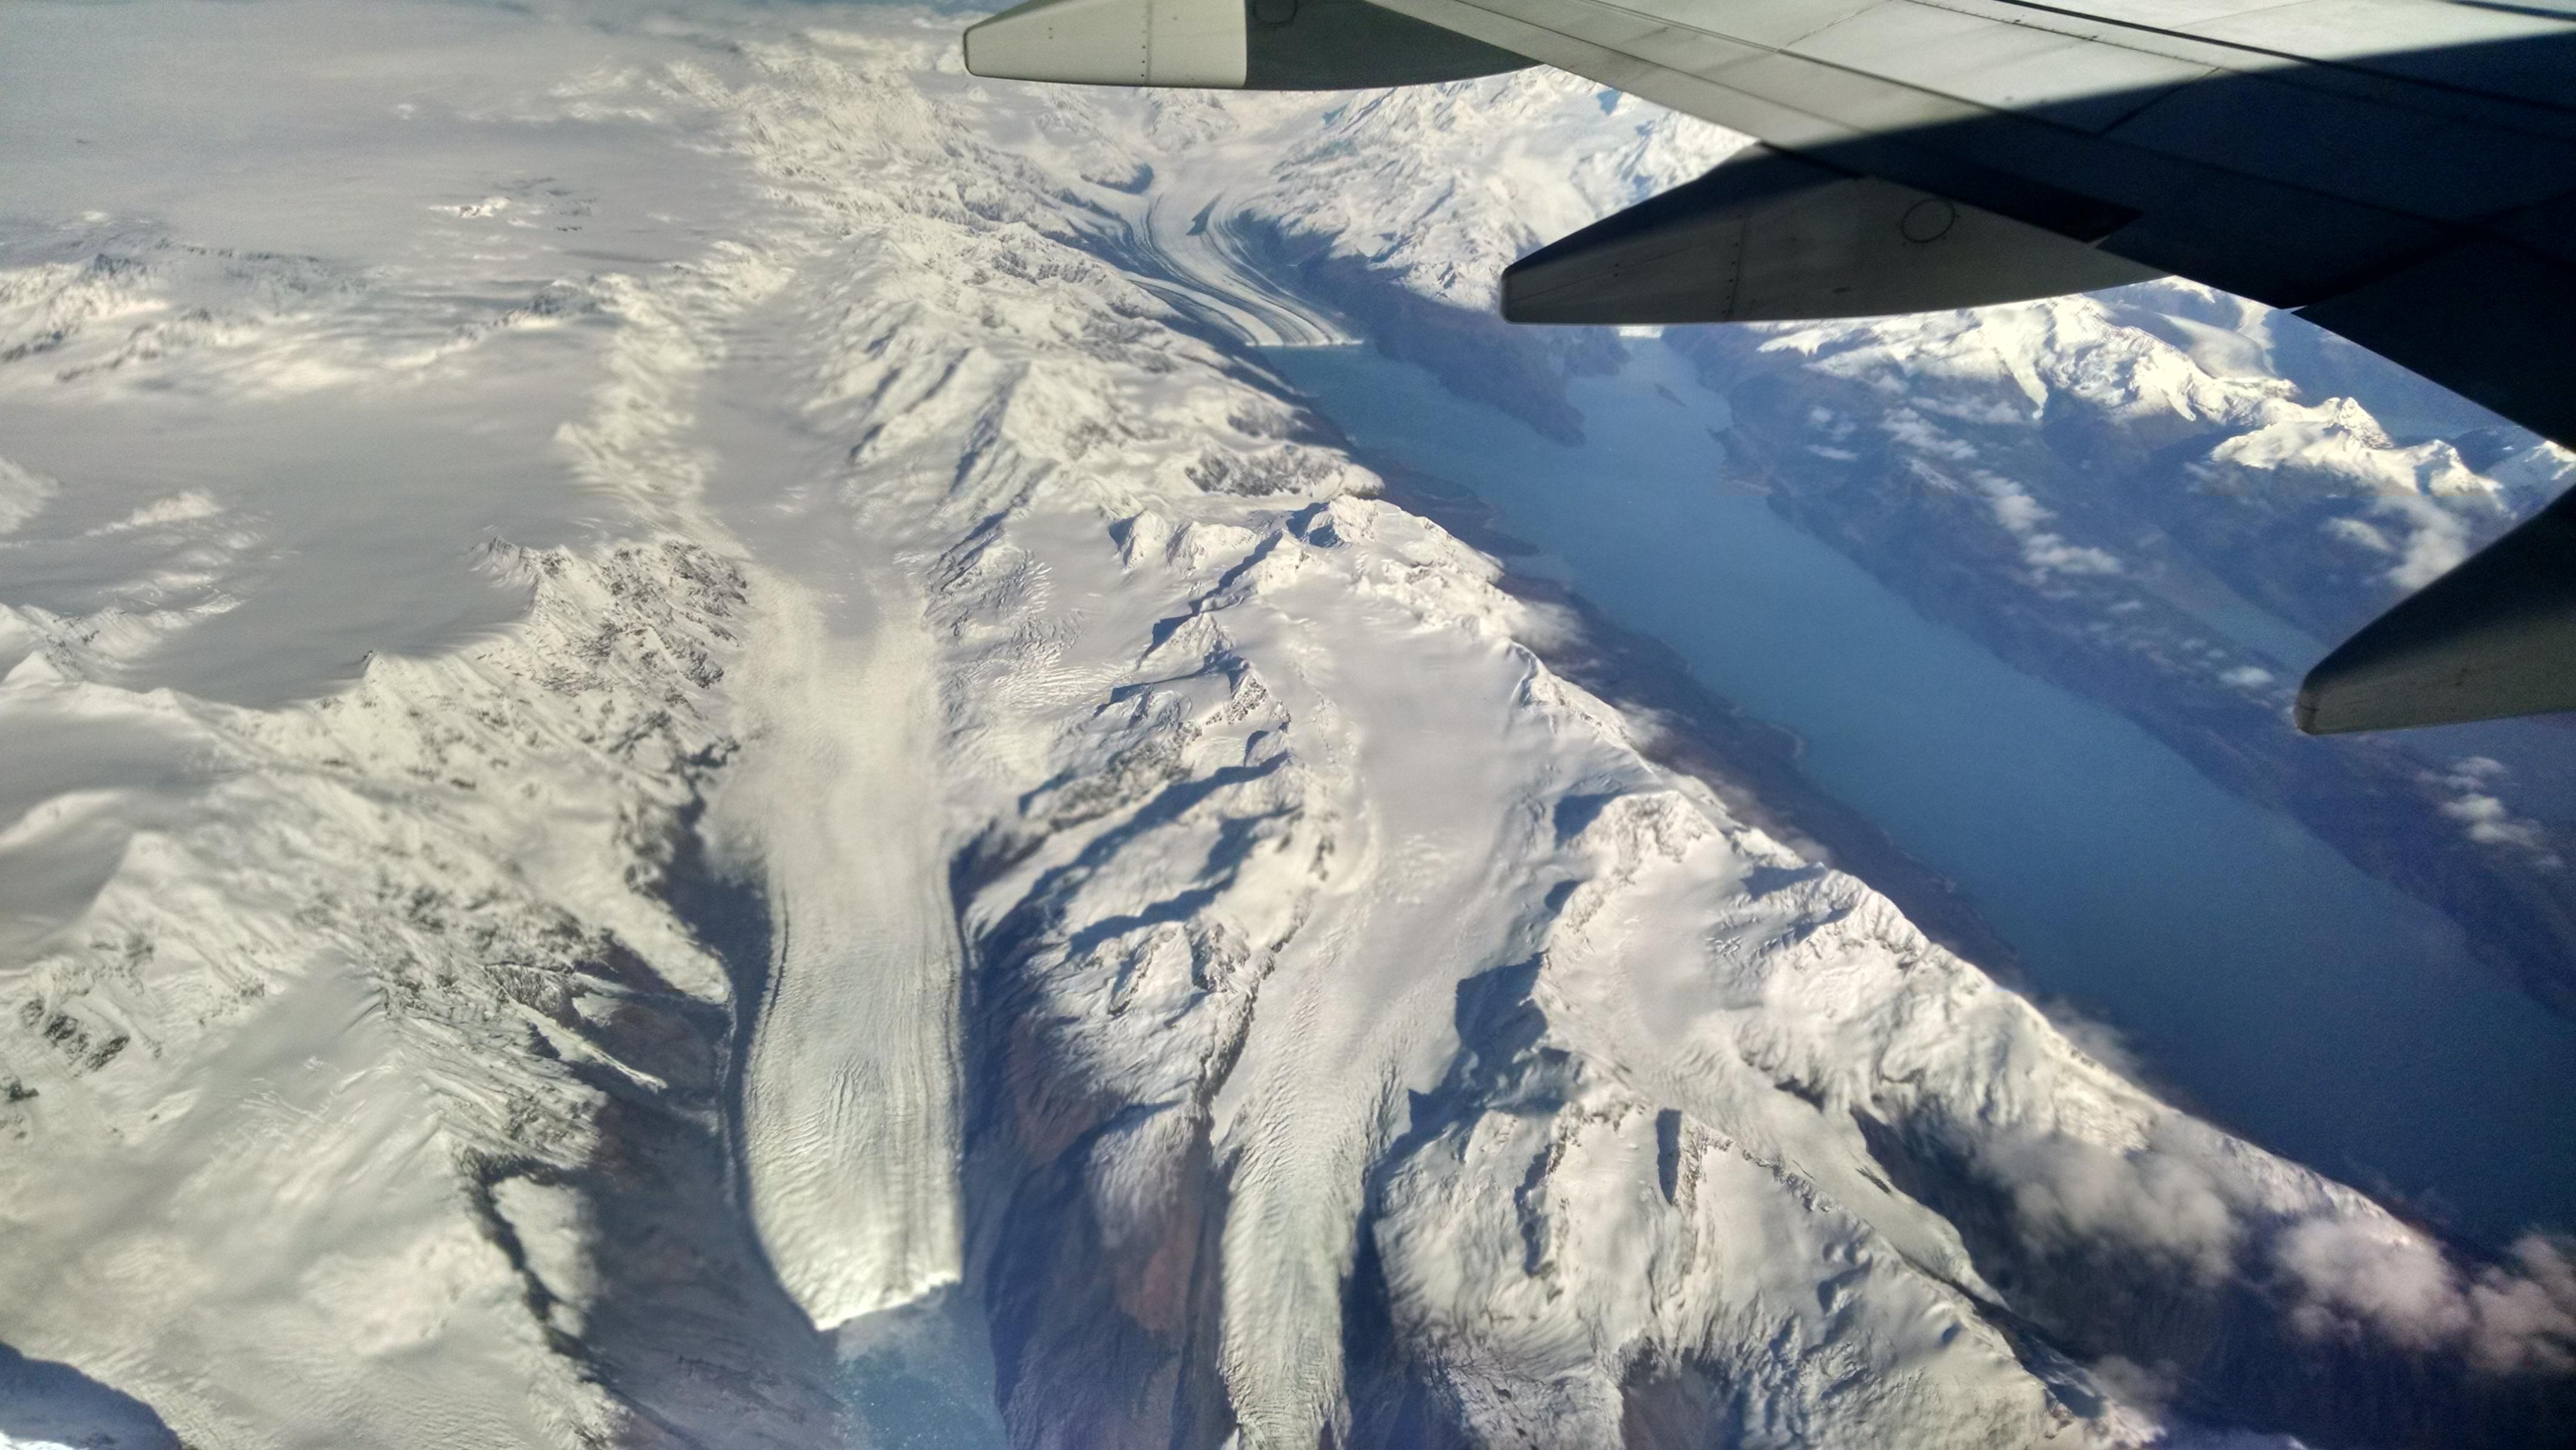 Alaska glacier view from plane window